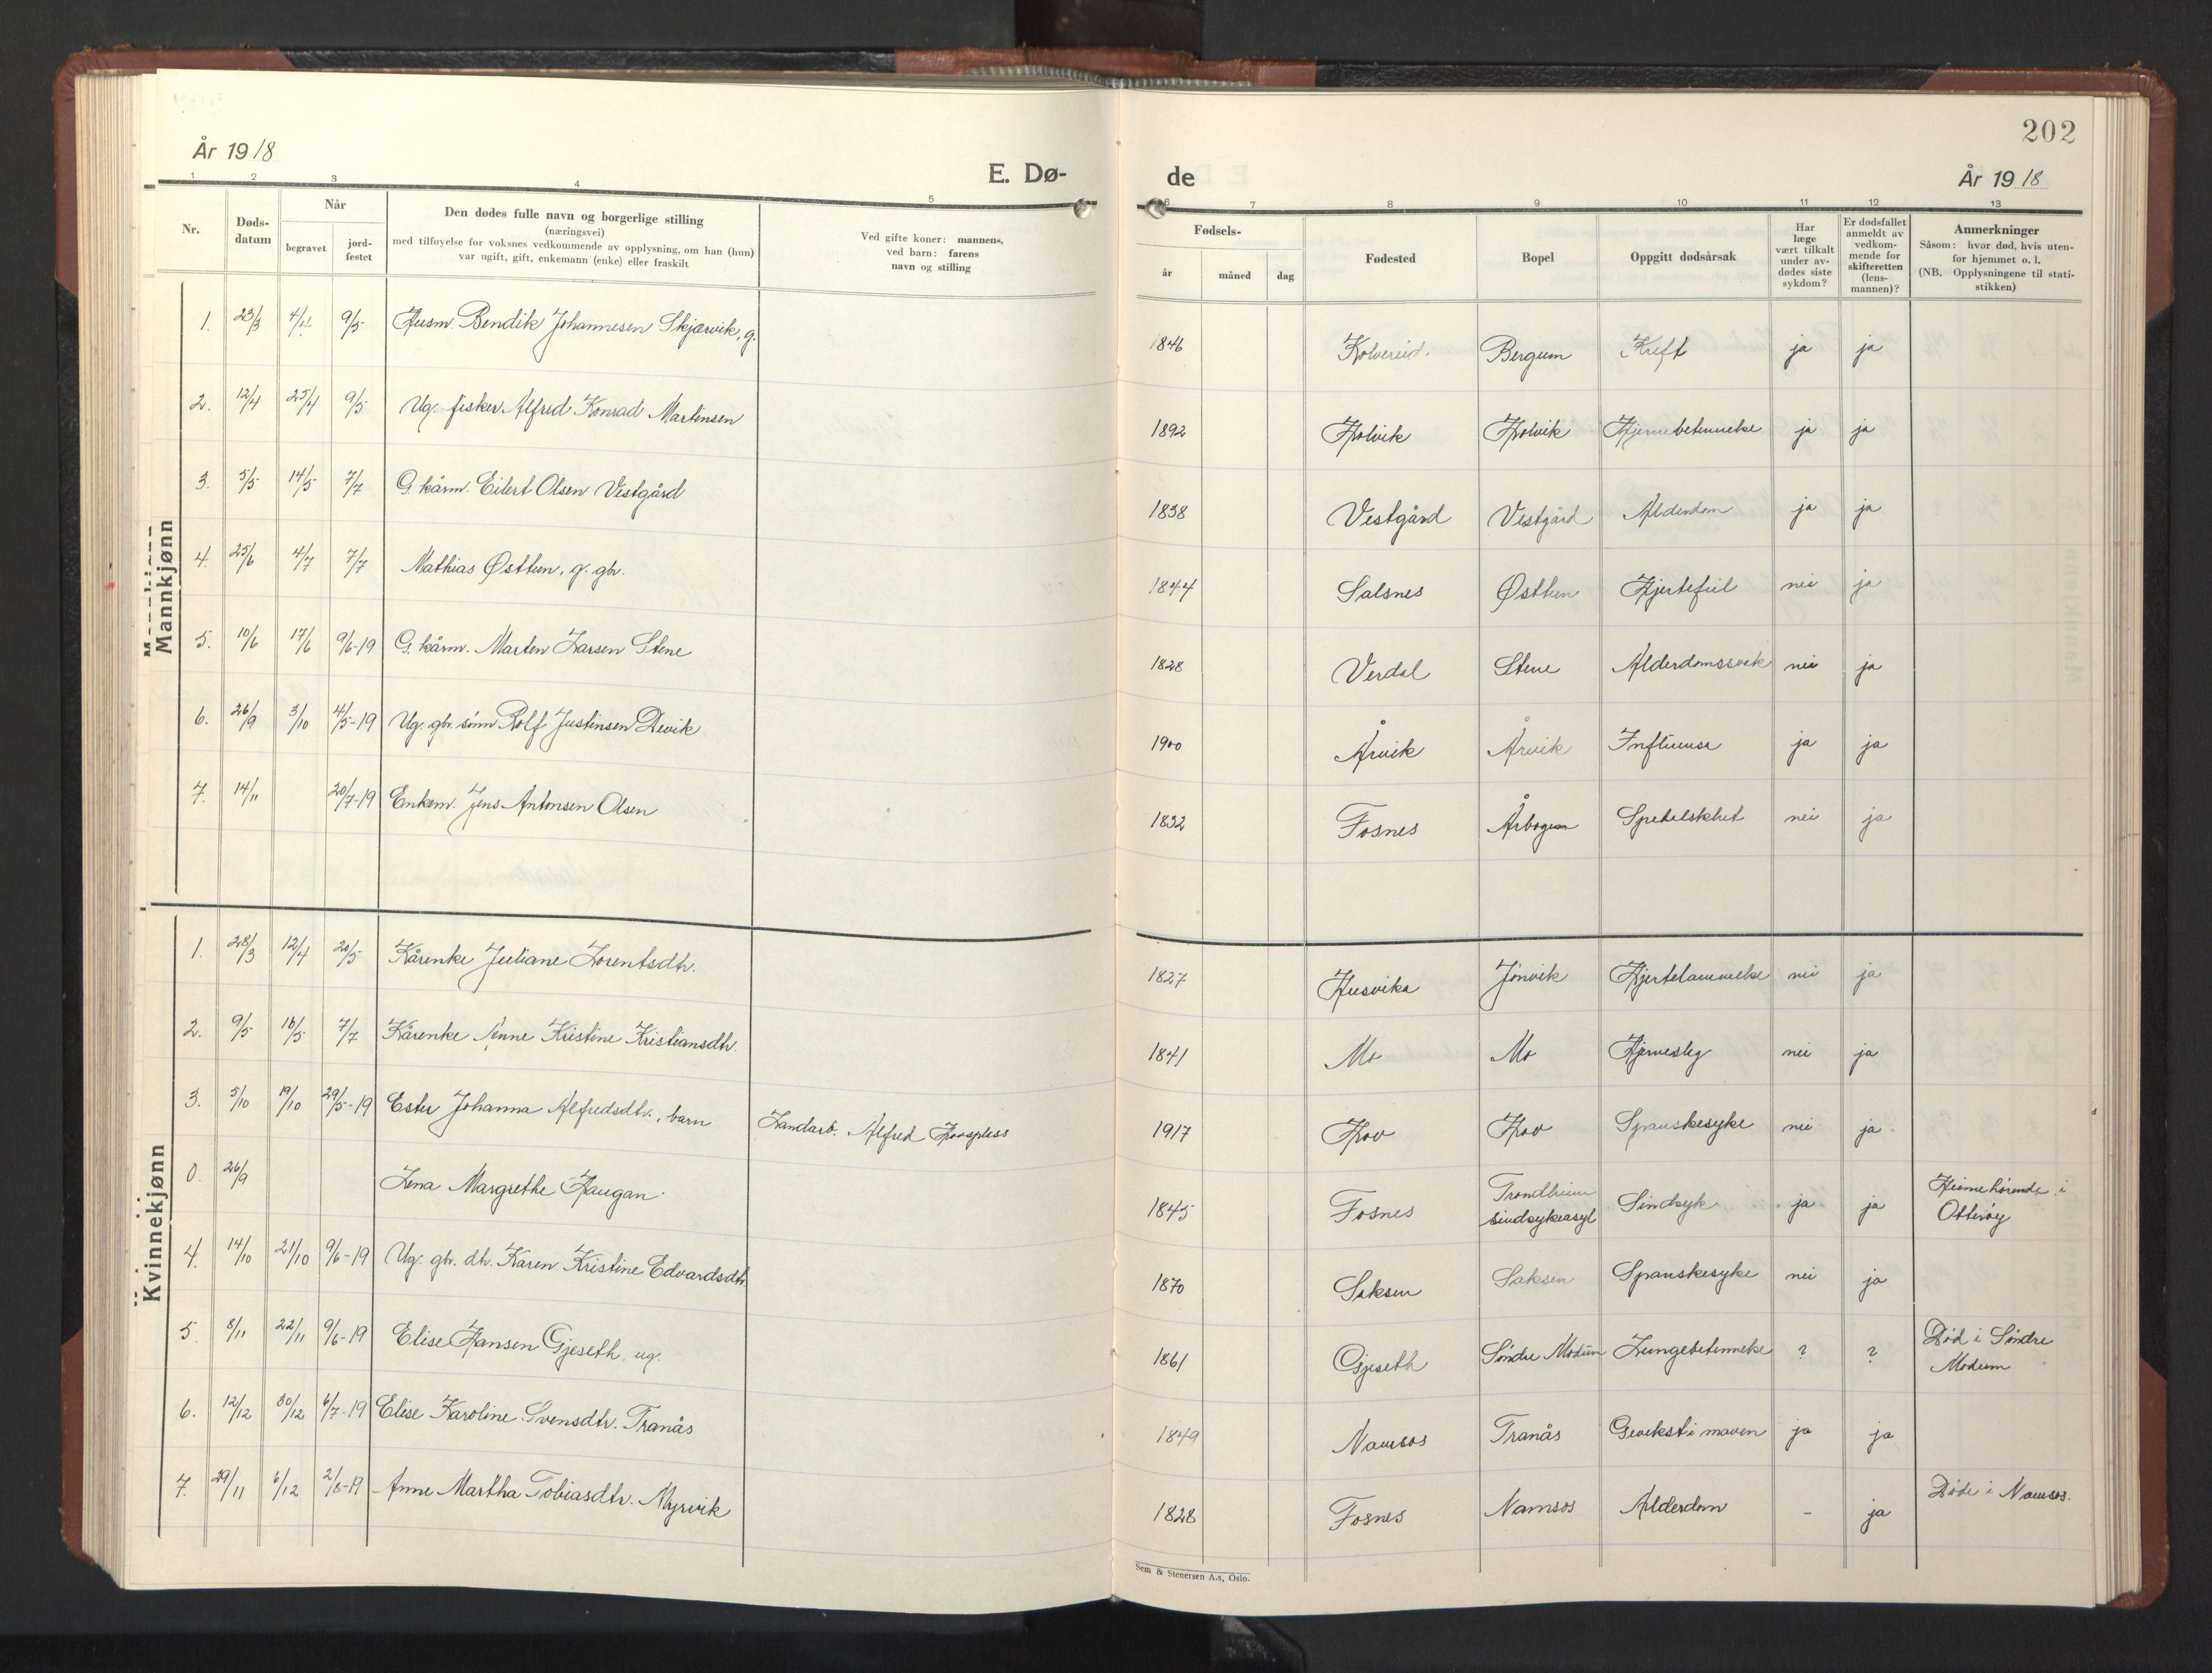 SAT, Ministerialprotokoller, klokkerbøker og fødselsregistre - Nord-Trøndelag, 773/L0625: Klokkerbok nr. 773C01, 1910-1952, s. 202